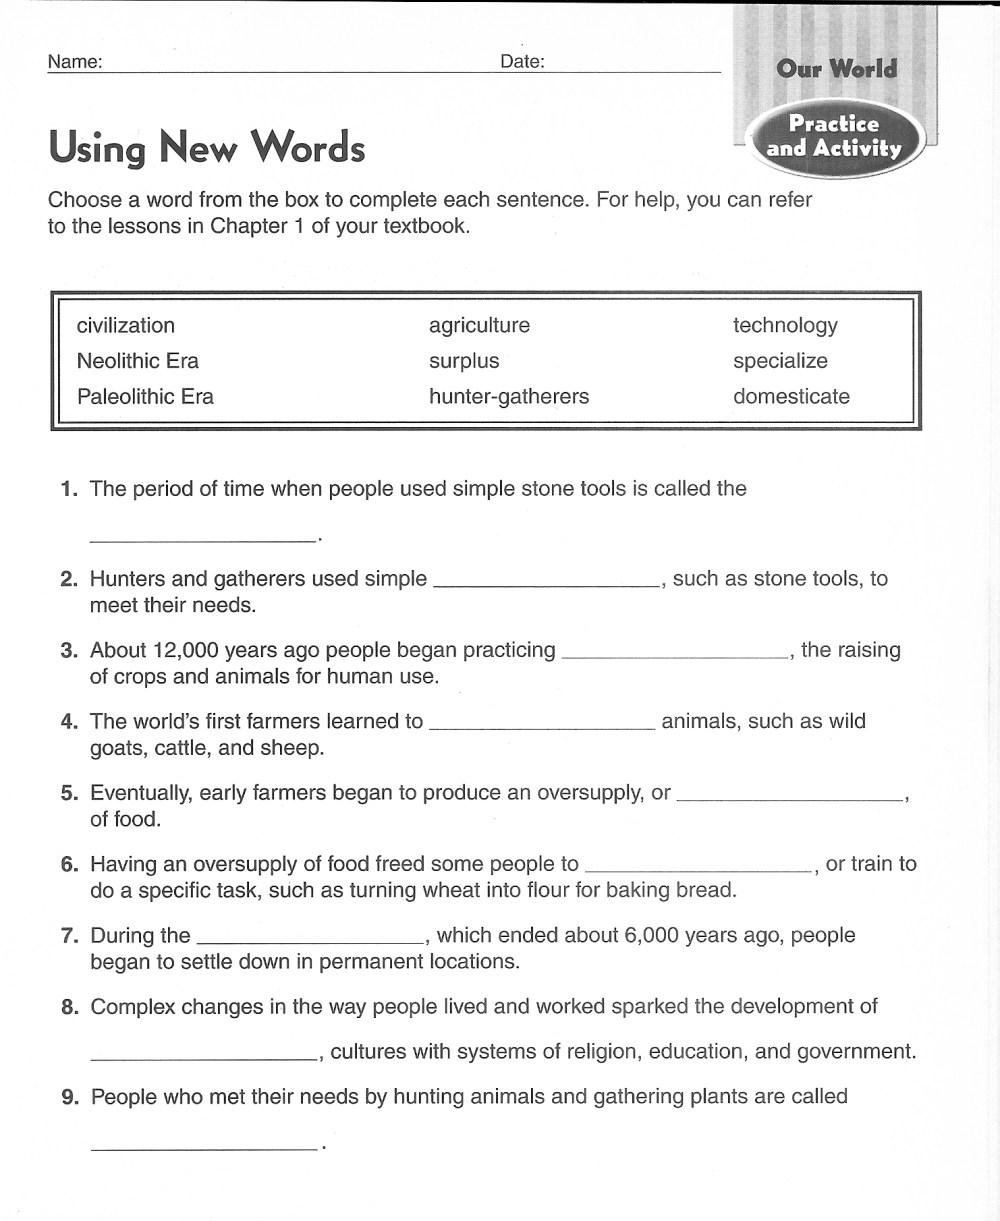 medium resolution of 6th Grade Social Studies Homework Help